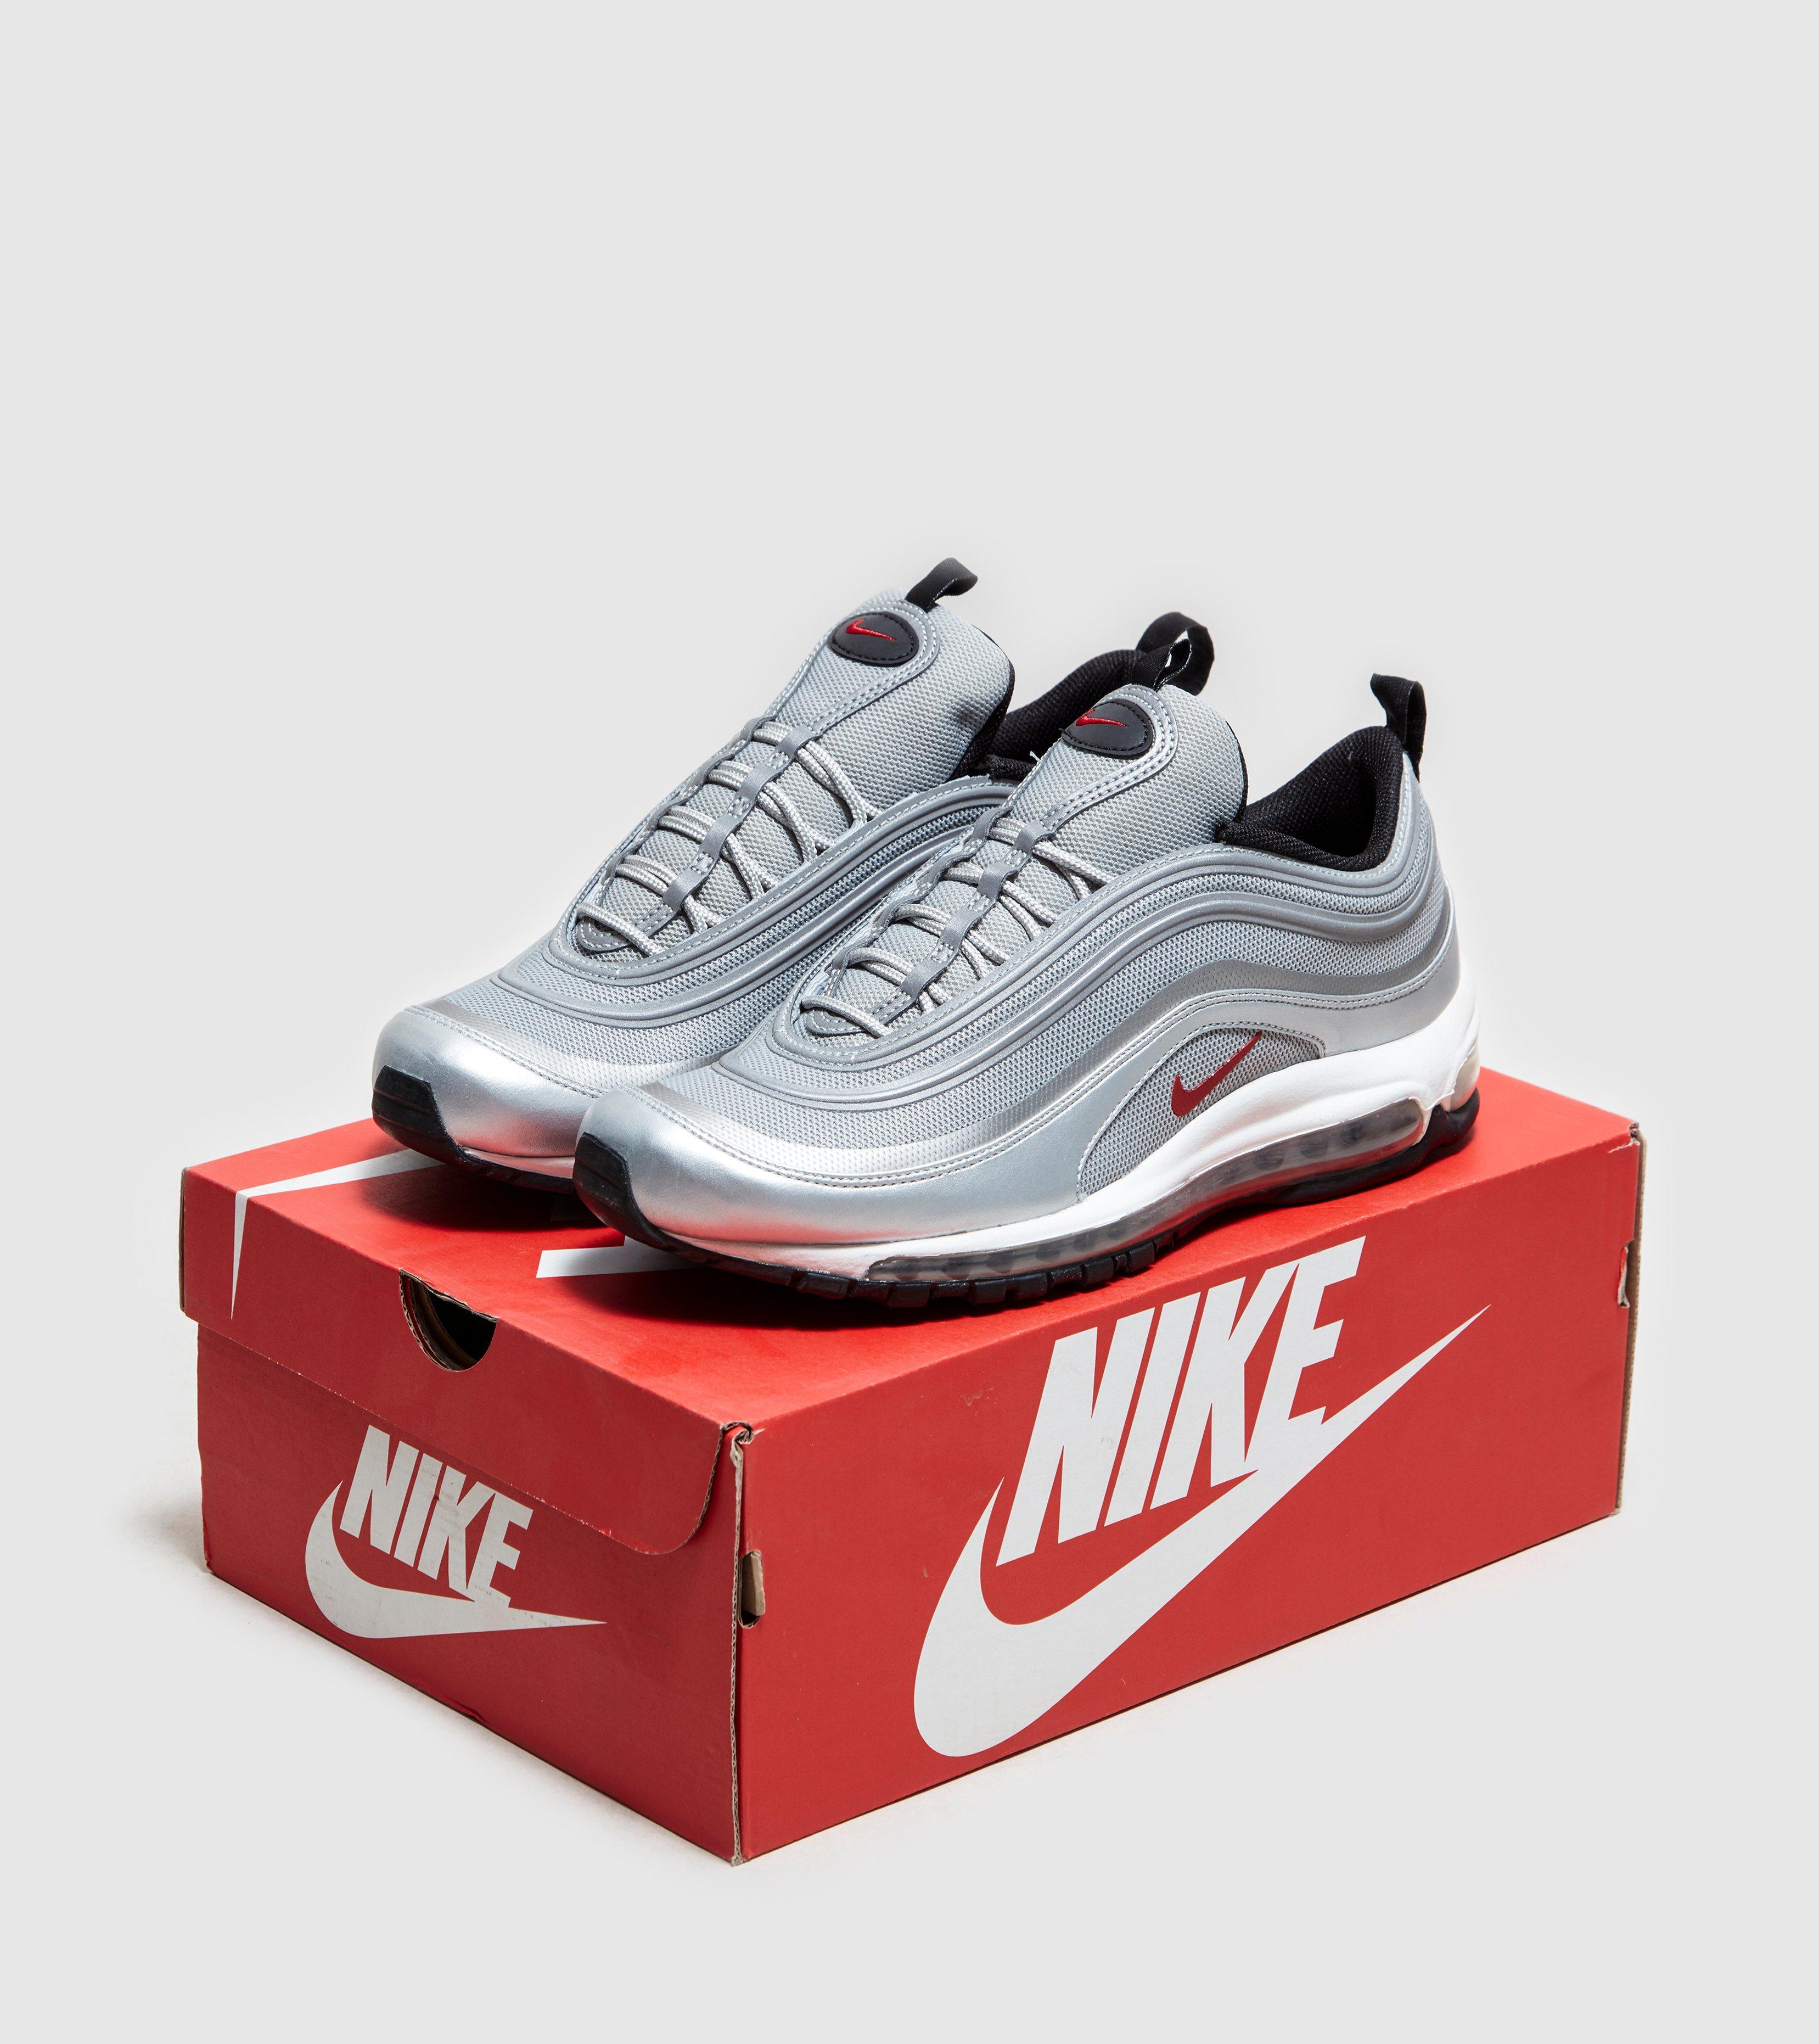 2012 Nike Air Max 360 | C.S.A.L.